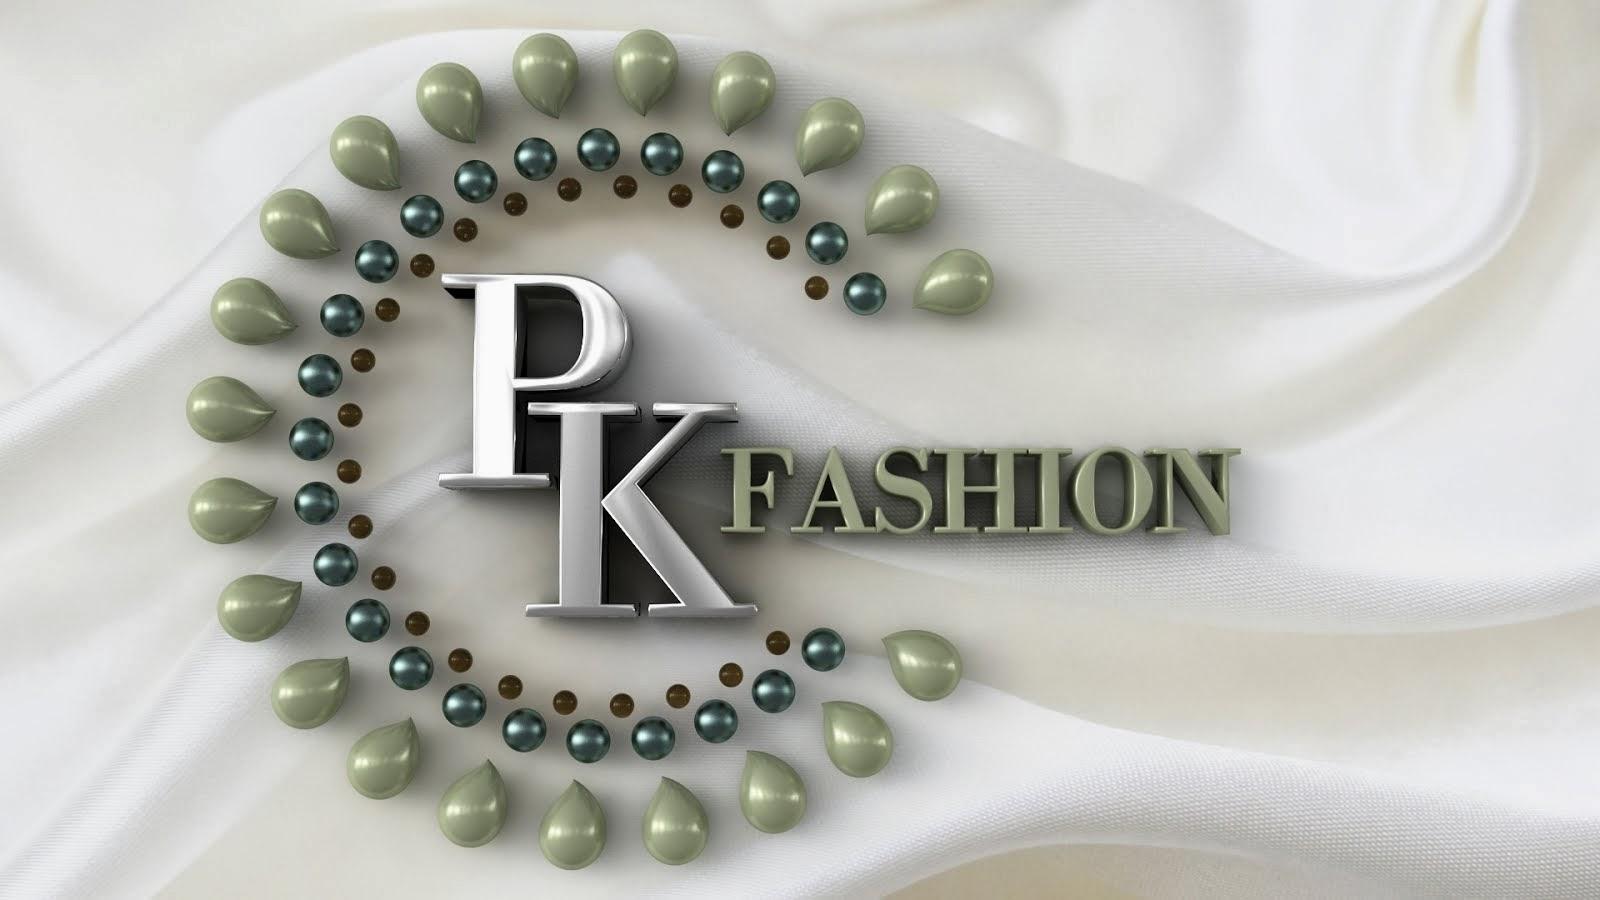 PK FASHION